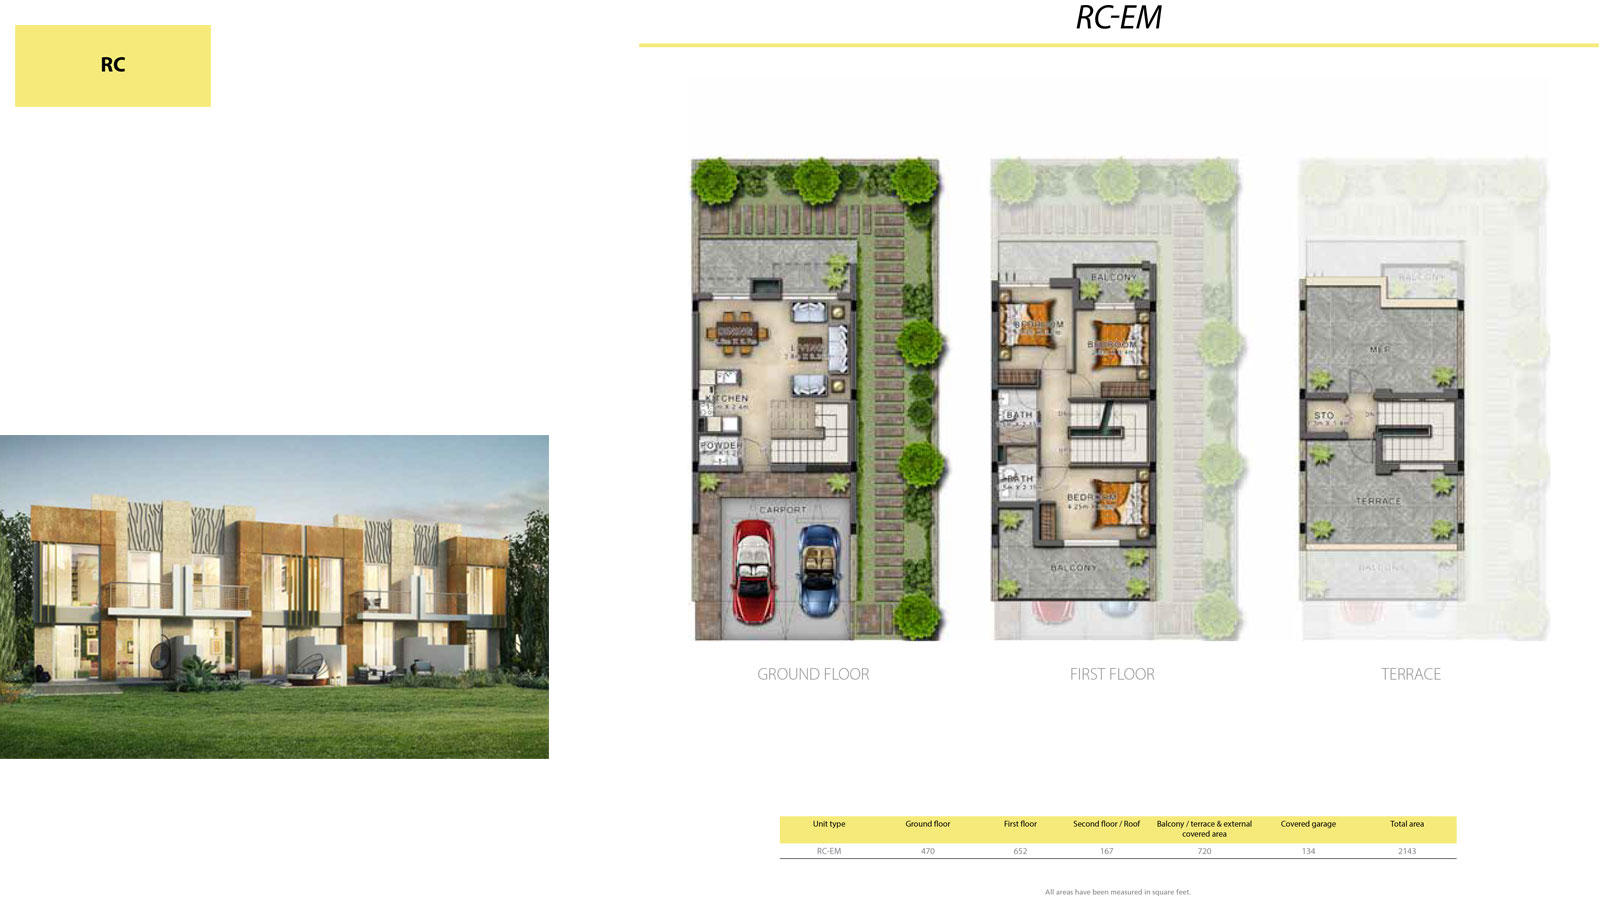 3 BR RC       (RC-EM, 3 Bedroom Villa, Size 2143 sq ft)